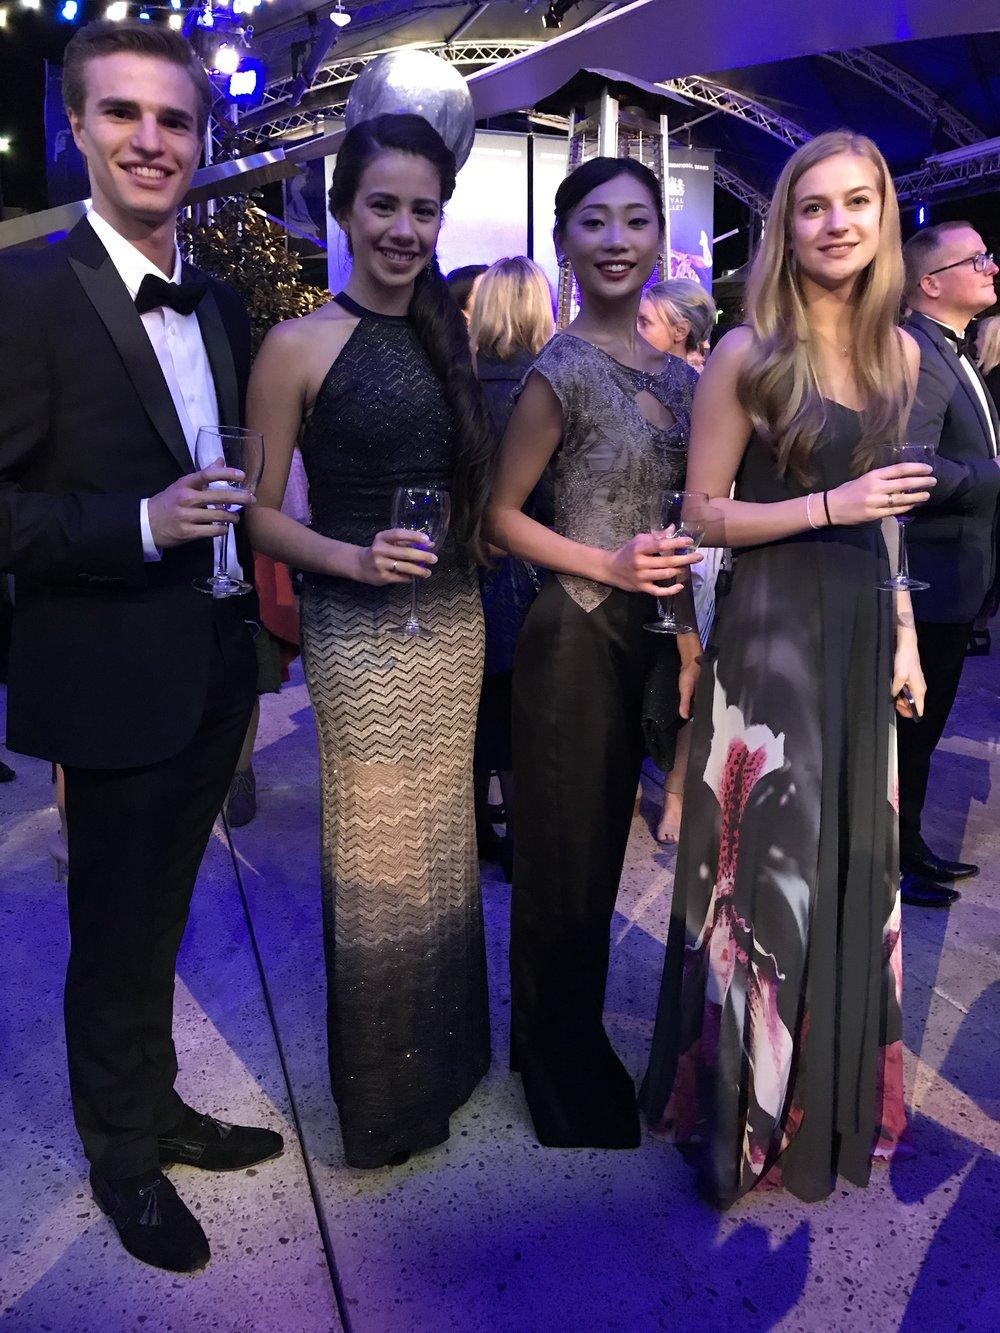 Leo, Leticia, Mariko & Julia